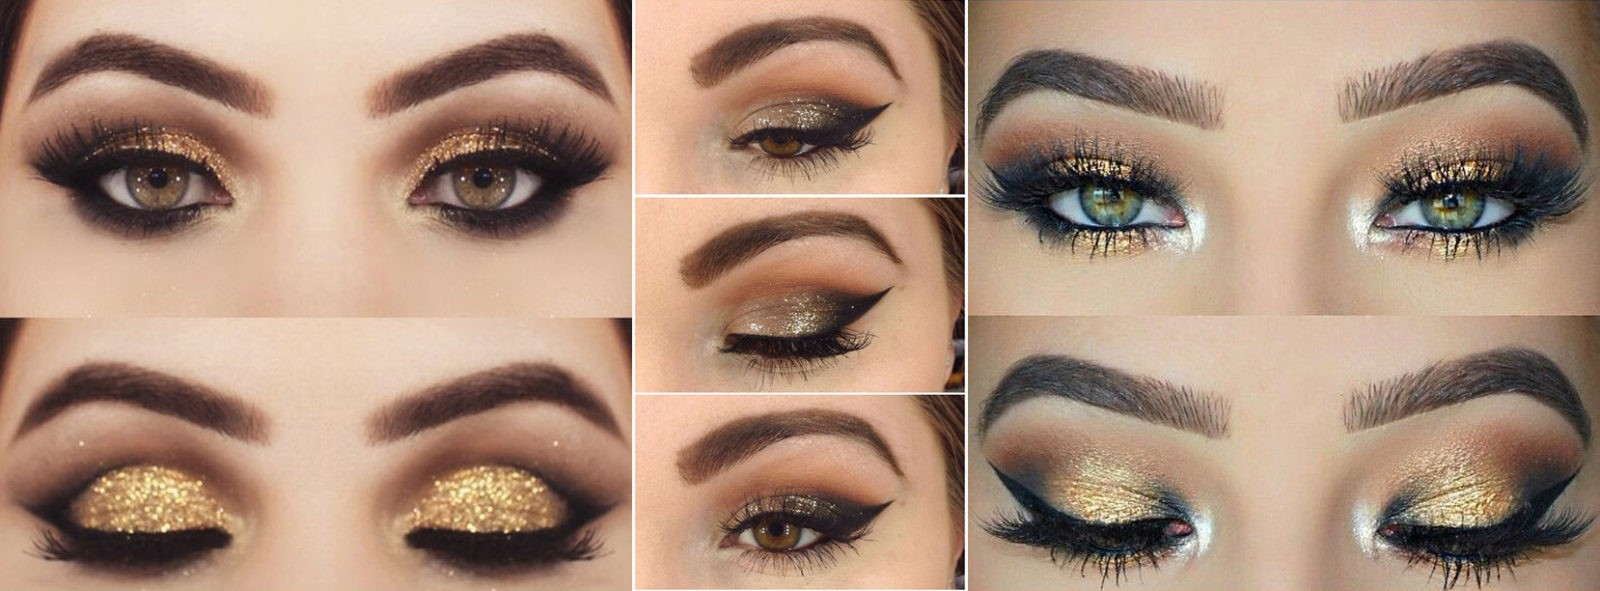 Макияж глаз на новый год в золотых цветах